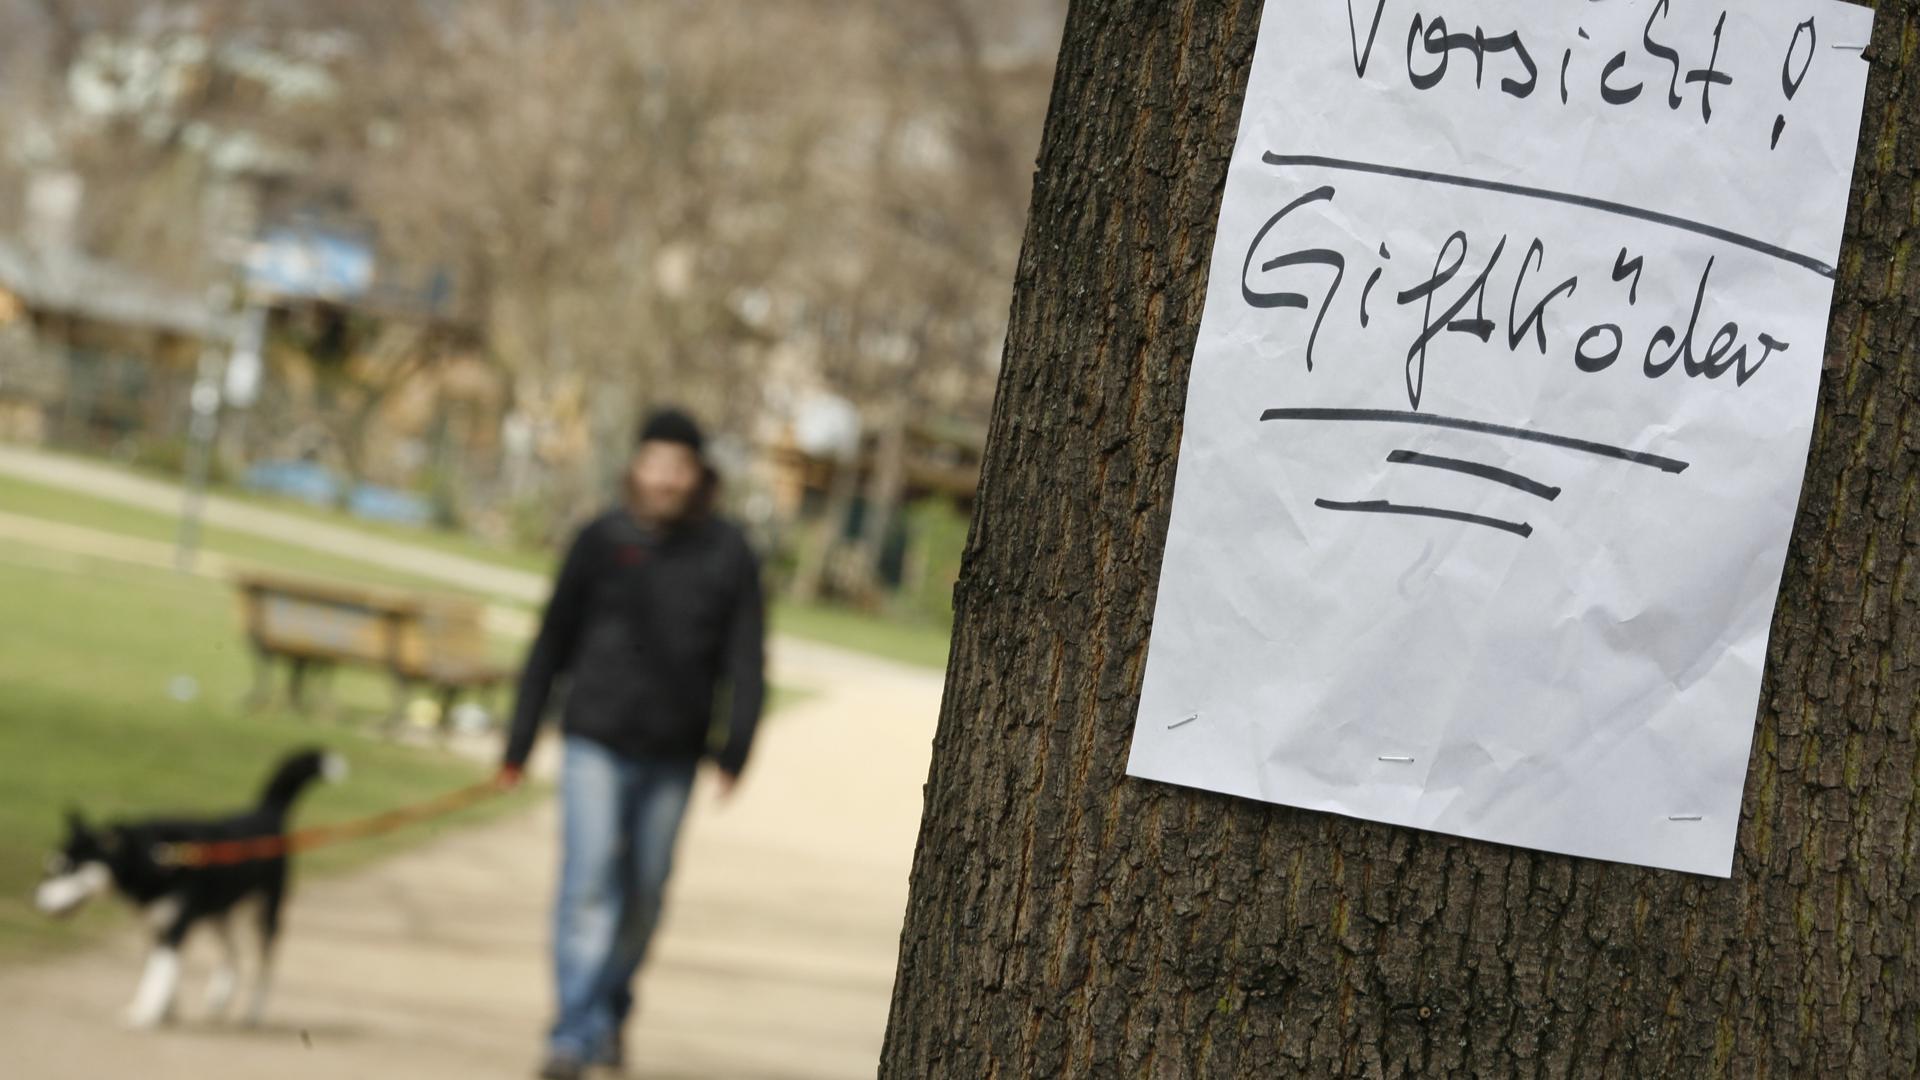 ARCHIV - ILLUSTRATION- 30.03.2012, Berlin: Ein Zettel warnt am 30.03.2012 in einem Park in Berlin vor ausgelegten Giftködern. (zu dpa: «Schmerzvoller Tod beim Gassigehen» vom 26.02.2018) Foto: Florian Schuh/dpa +++(c) dpa - Bildfunk+++ | Verwendung weltweit